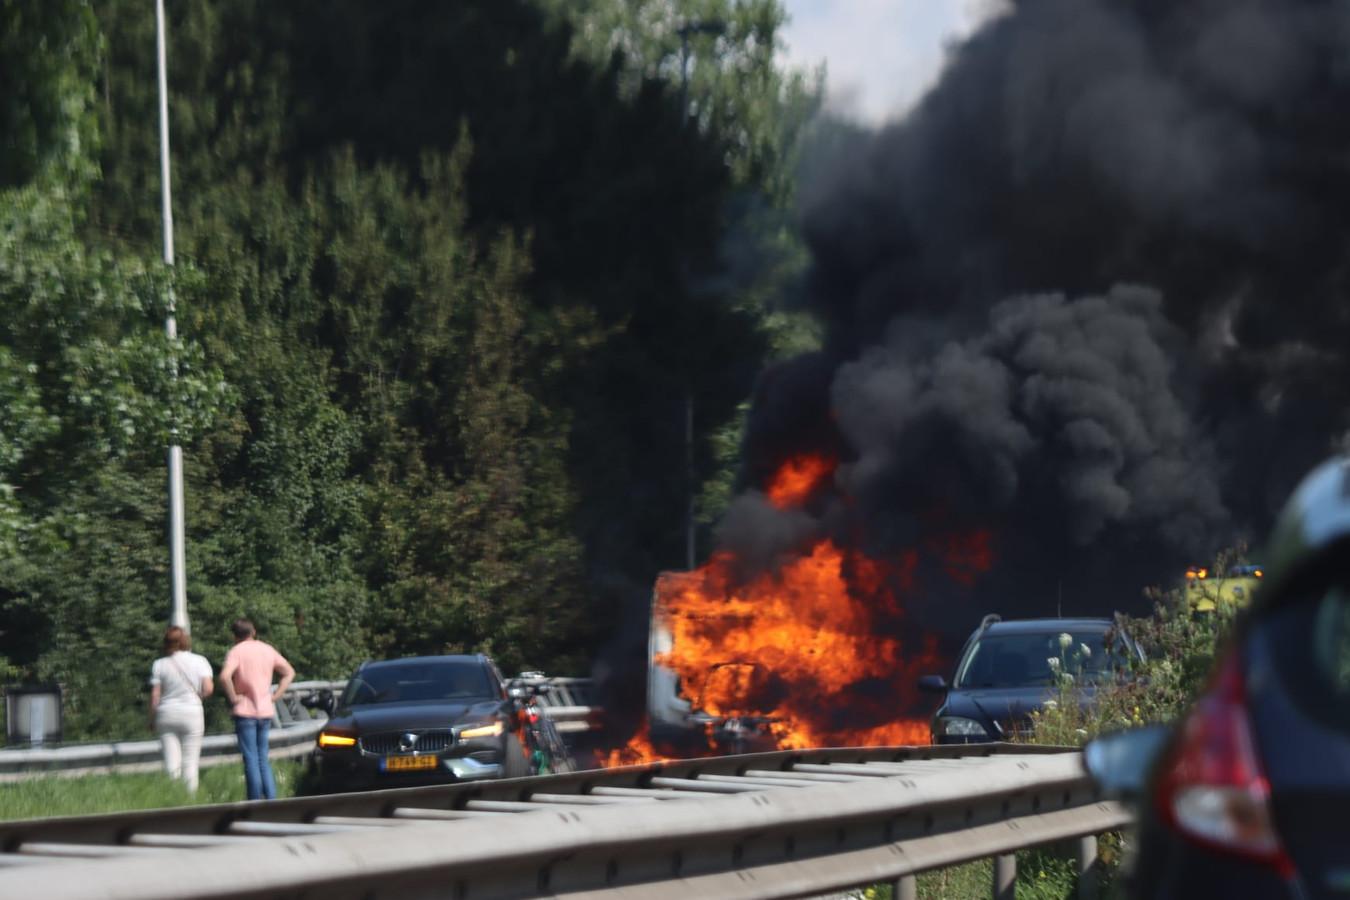 De caravan brandde volledig uit.